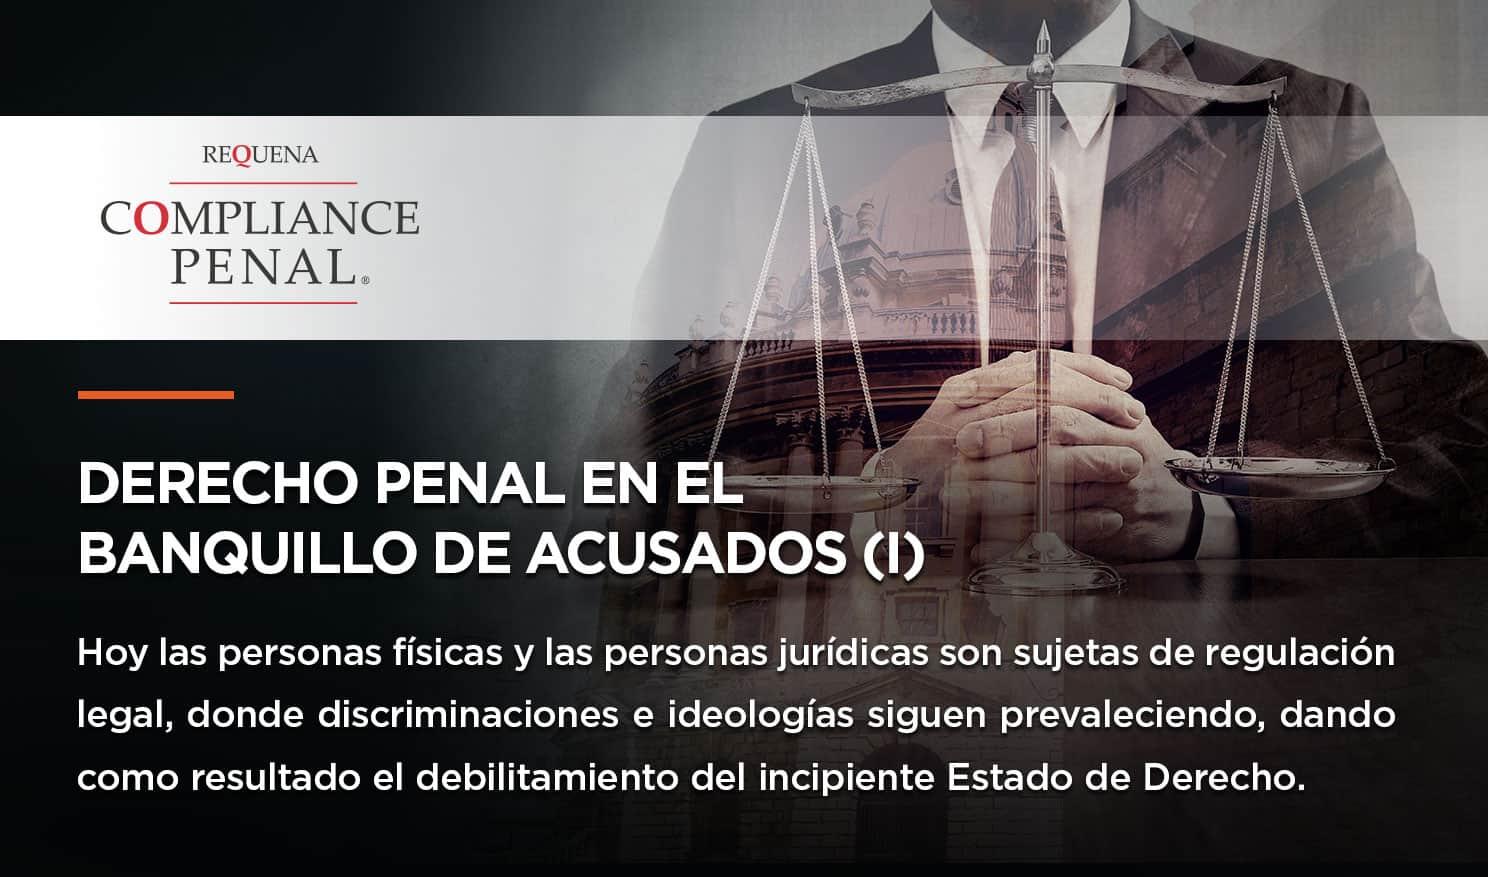 Derecho Penal en el banquillo de acusados (I)